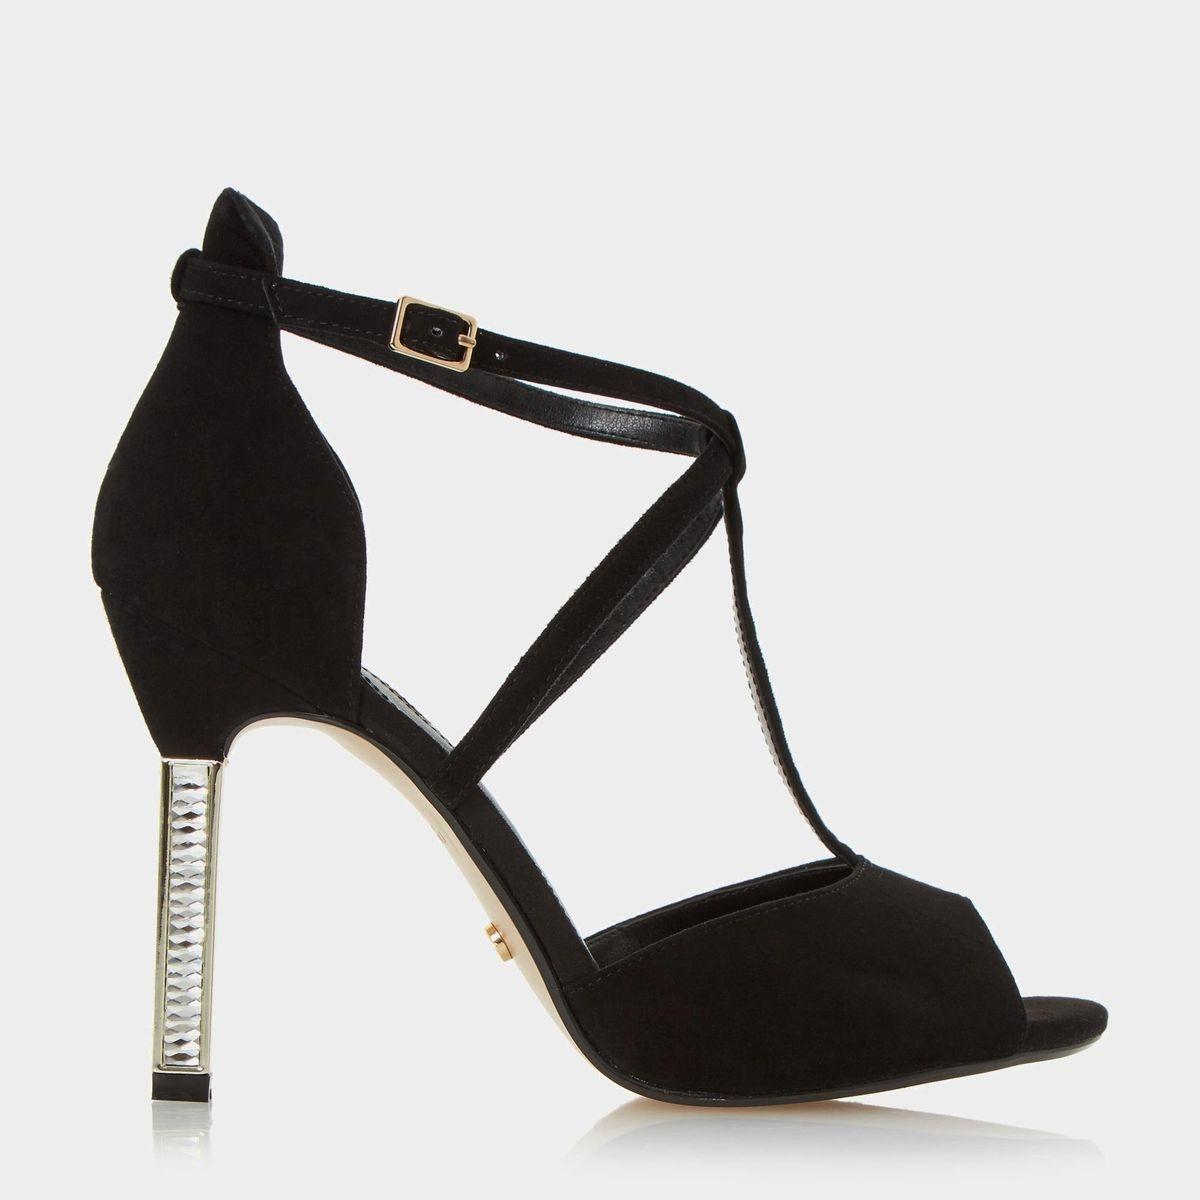 Sandales peep toe à talons ornées de bijoux fantaisie - MELODEE